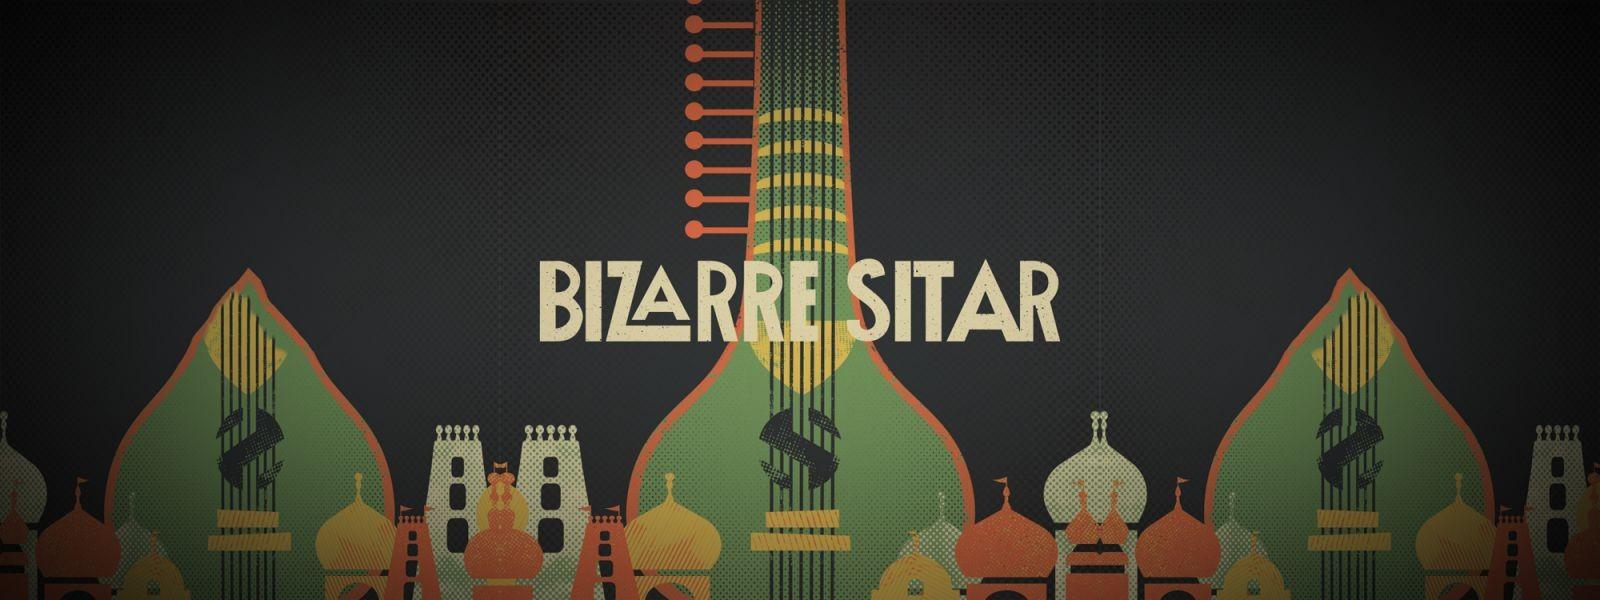 BizarreSitar Banner